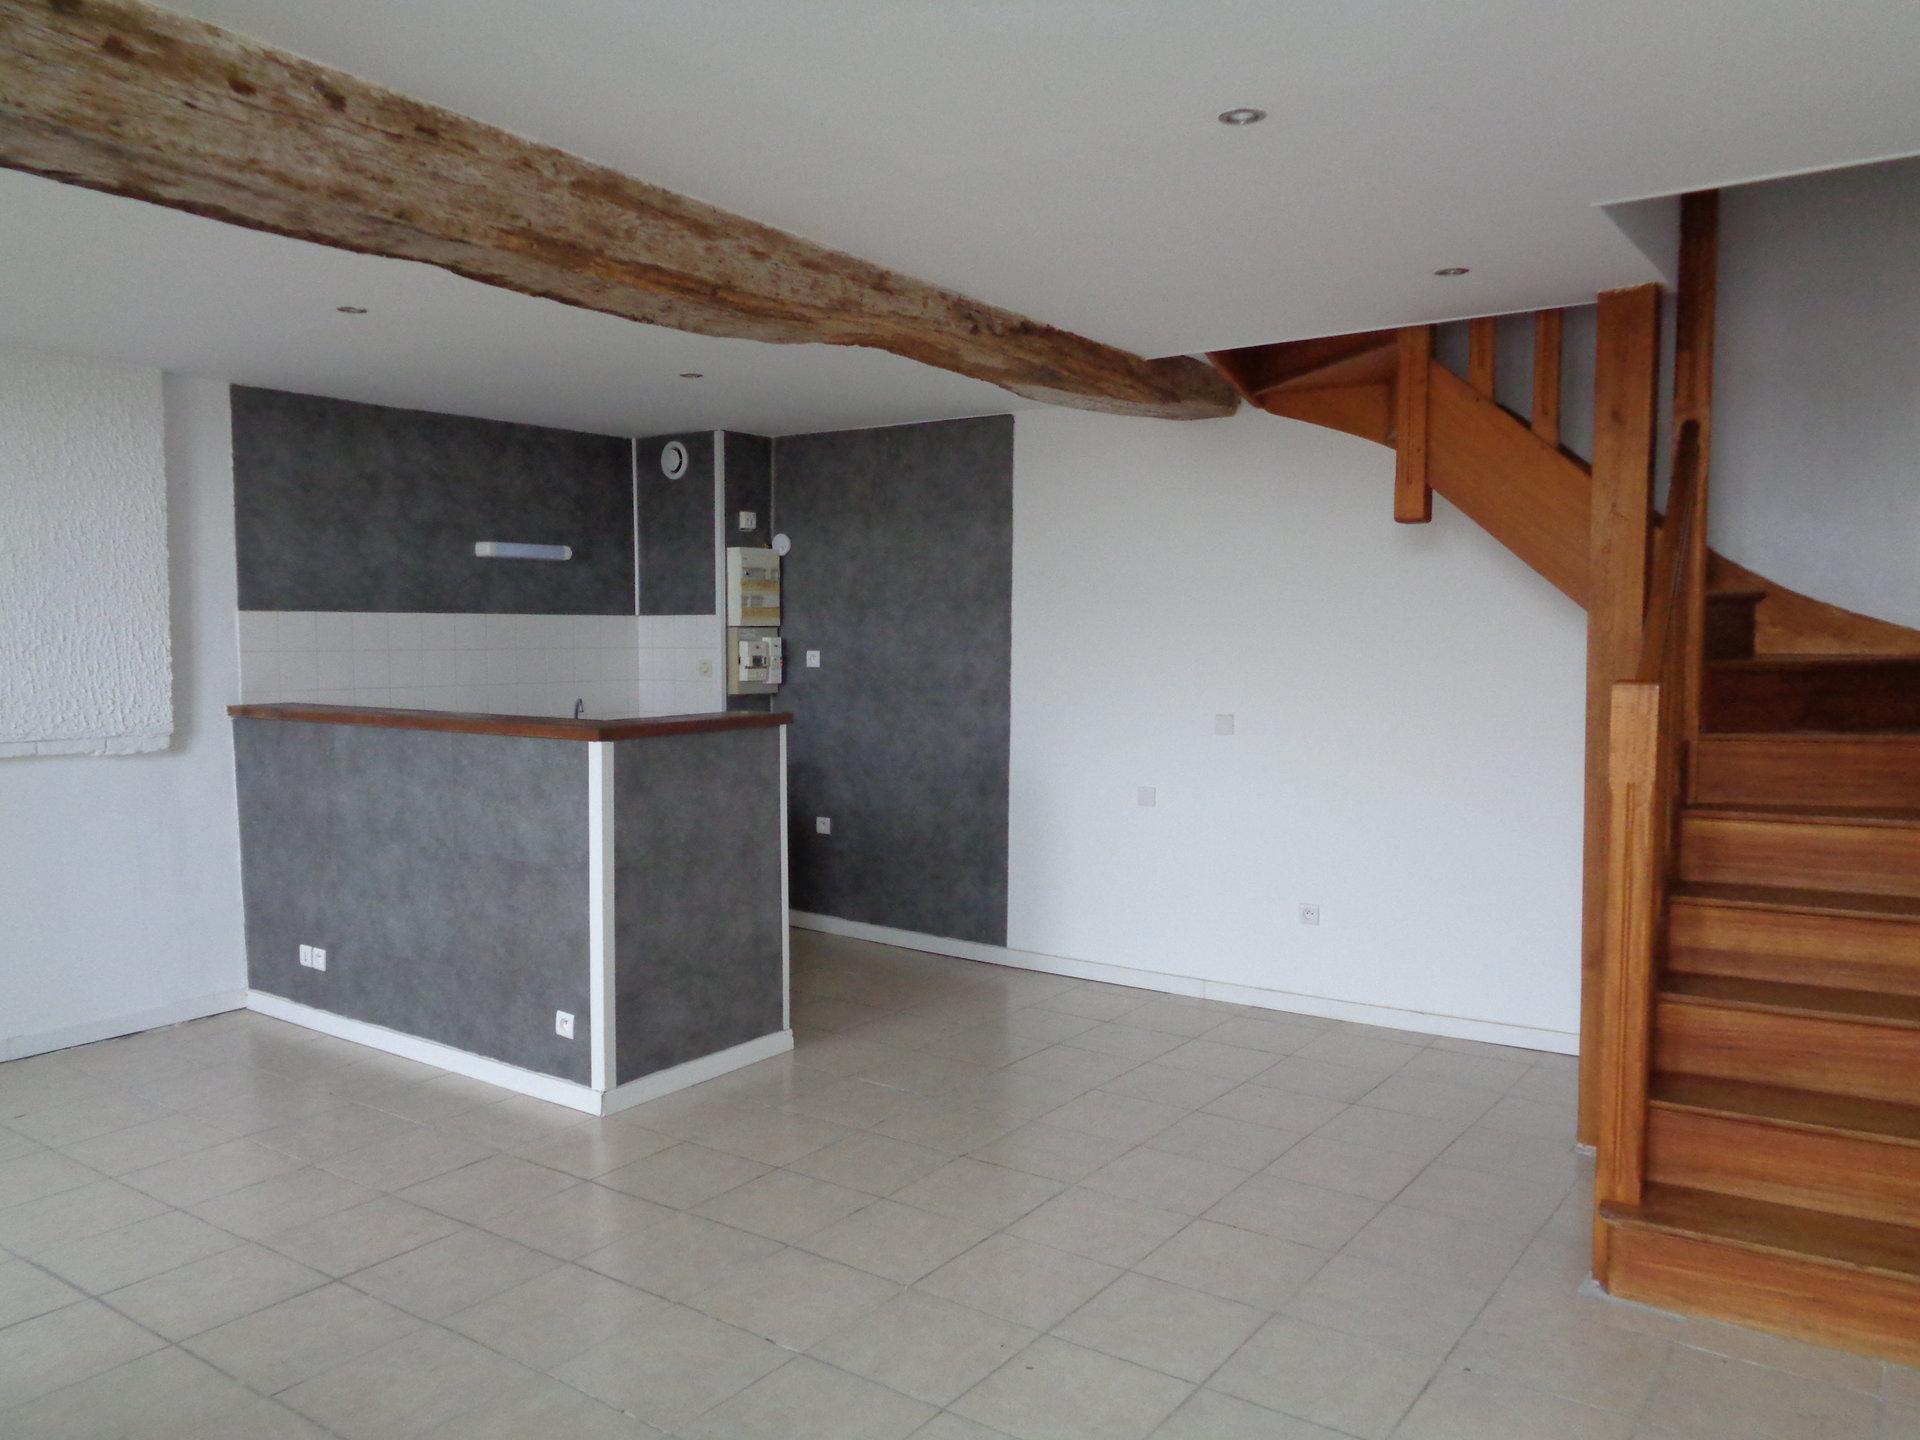 Appartement Saint Jacques de Thouars - 2 pièces - 53 m² (env.)